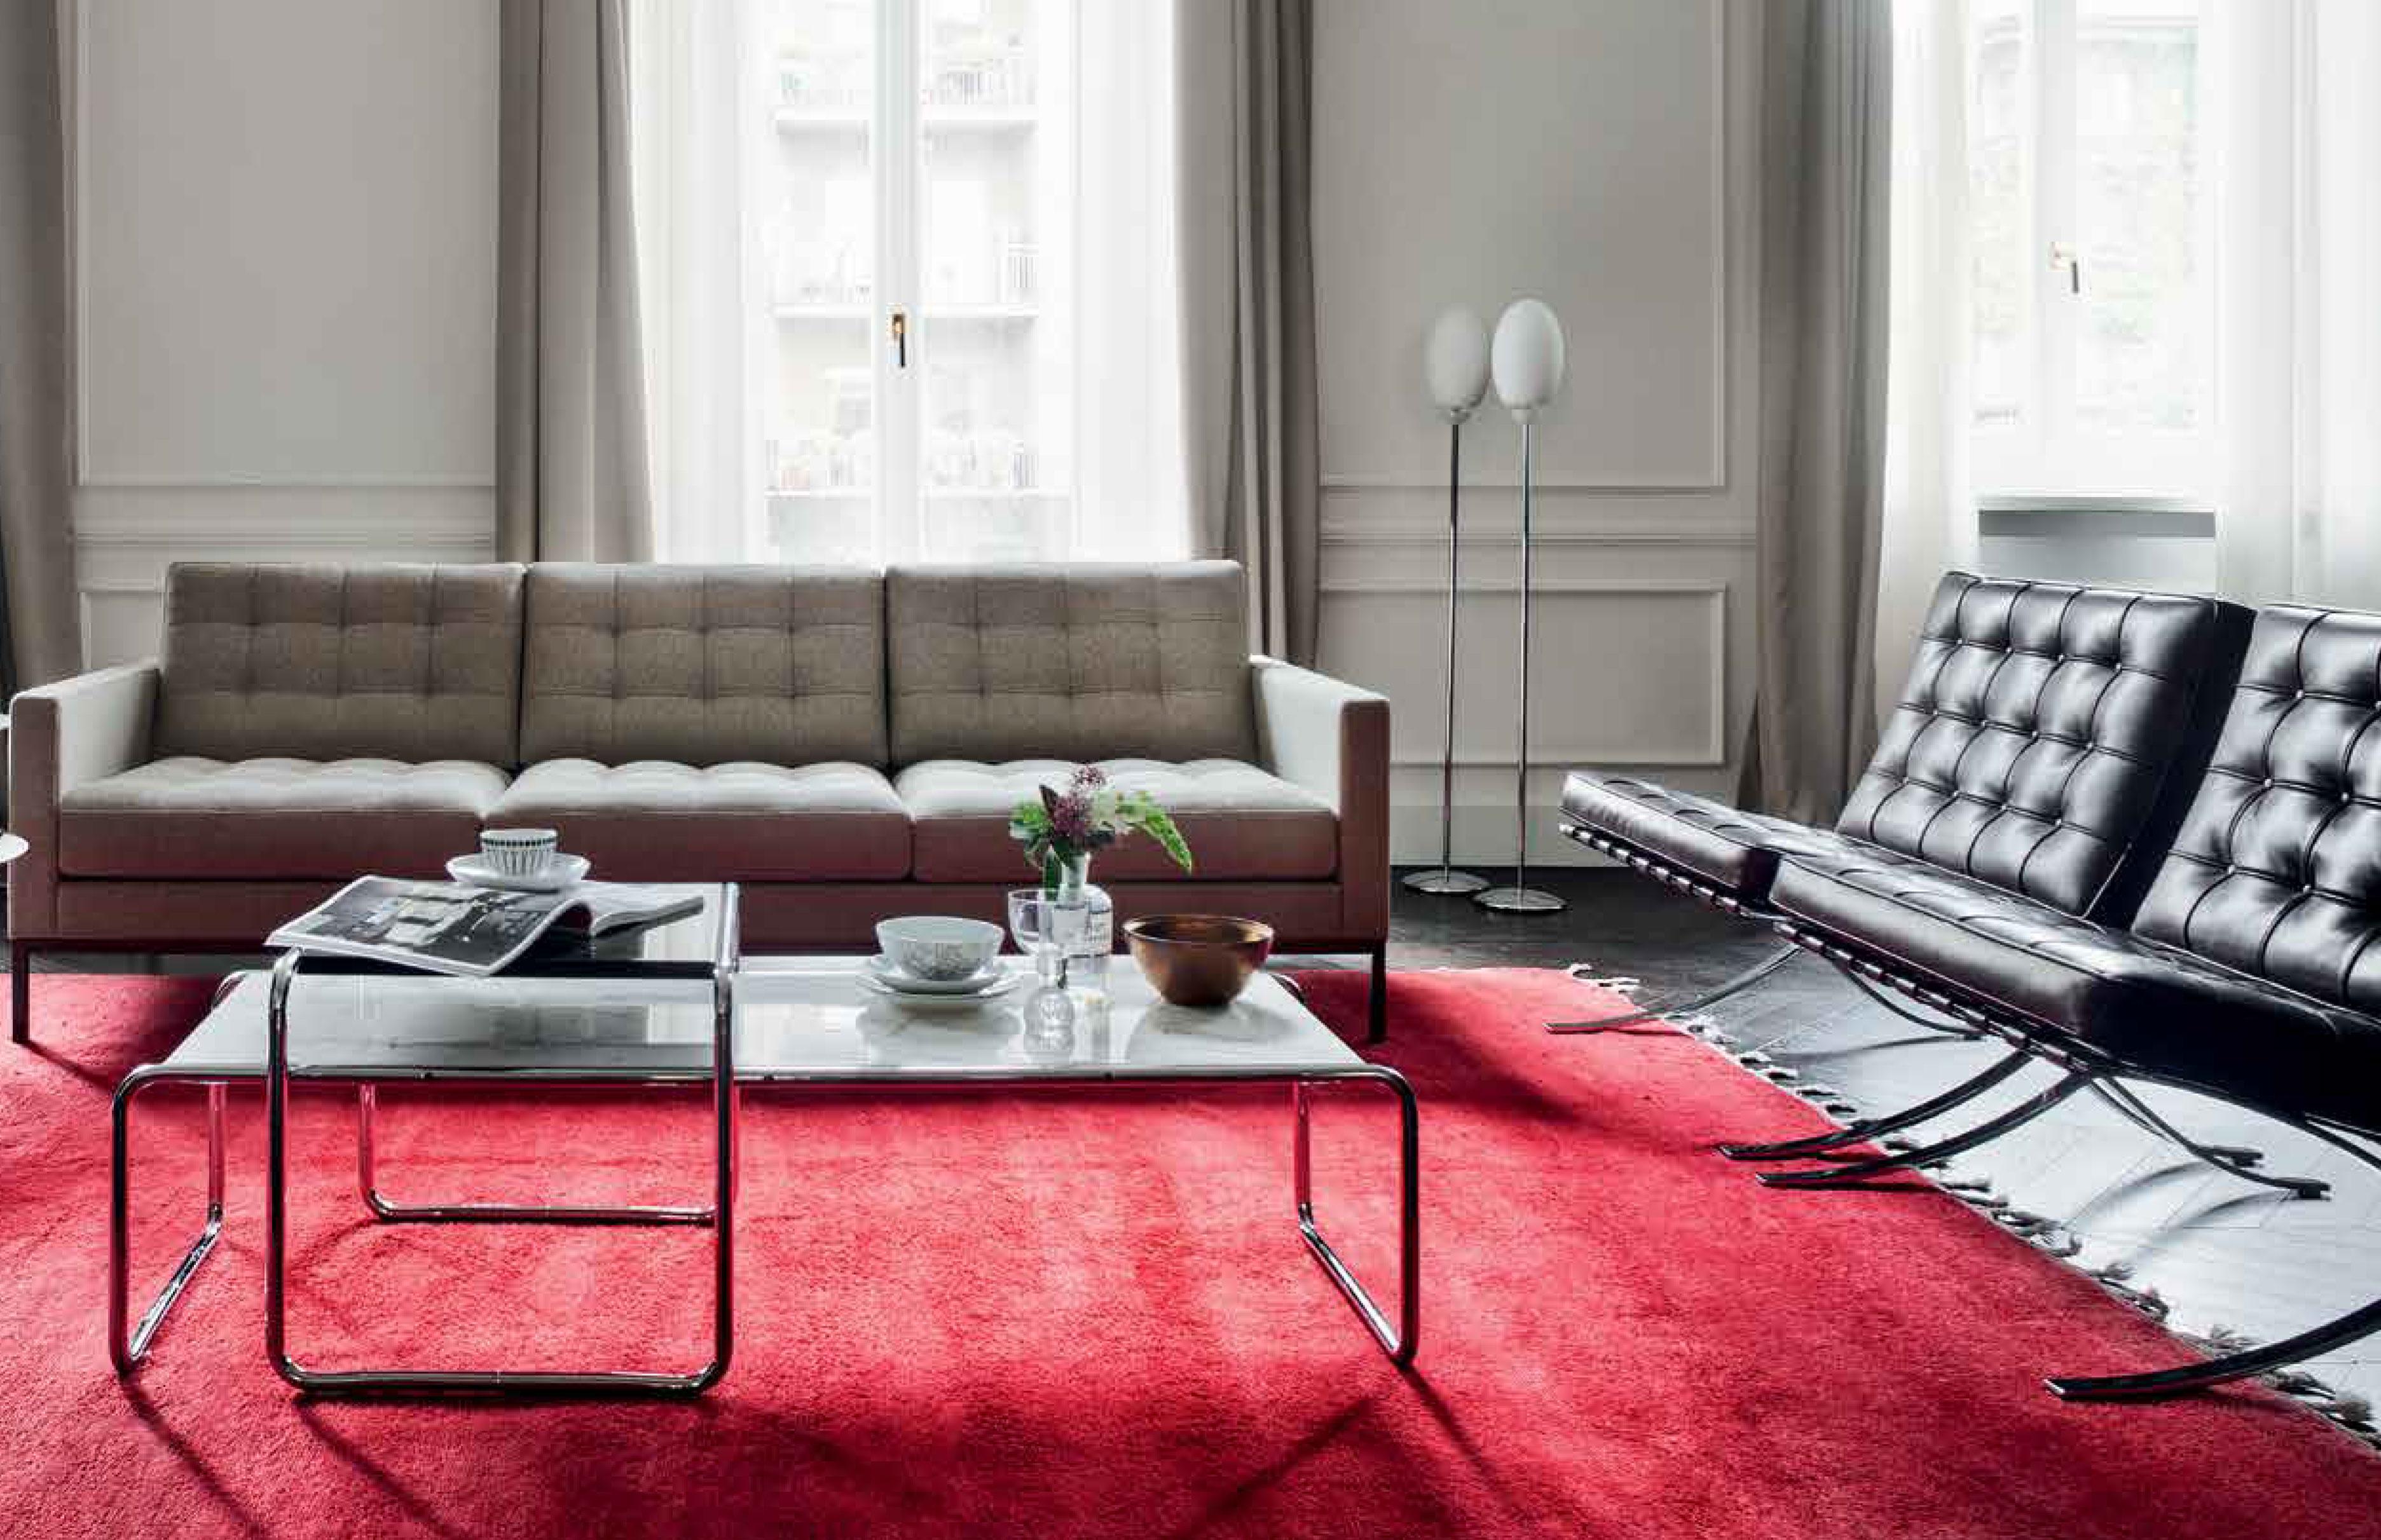 koton naturleder f r florence knoll sofa barcelona sessel. Black Bedroom Furniture Sets. Home Design Ideas